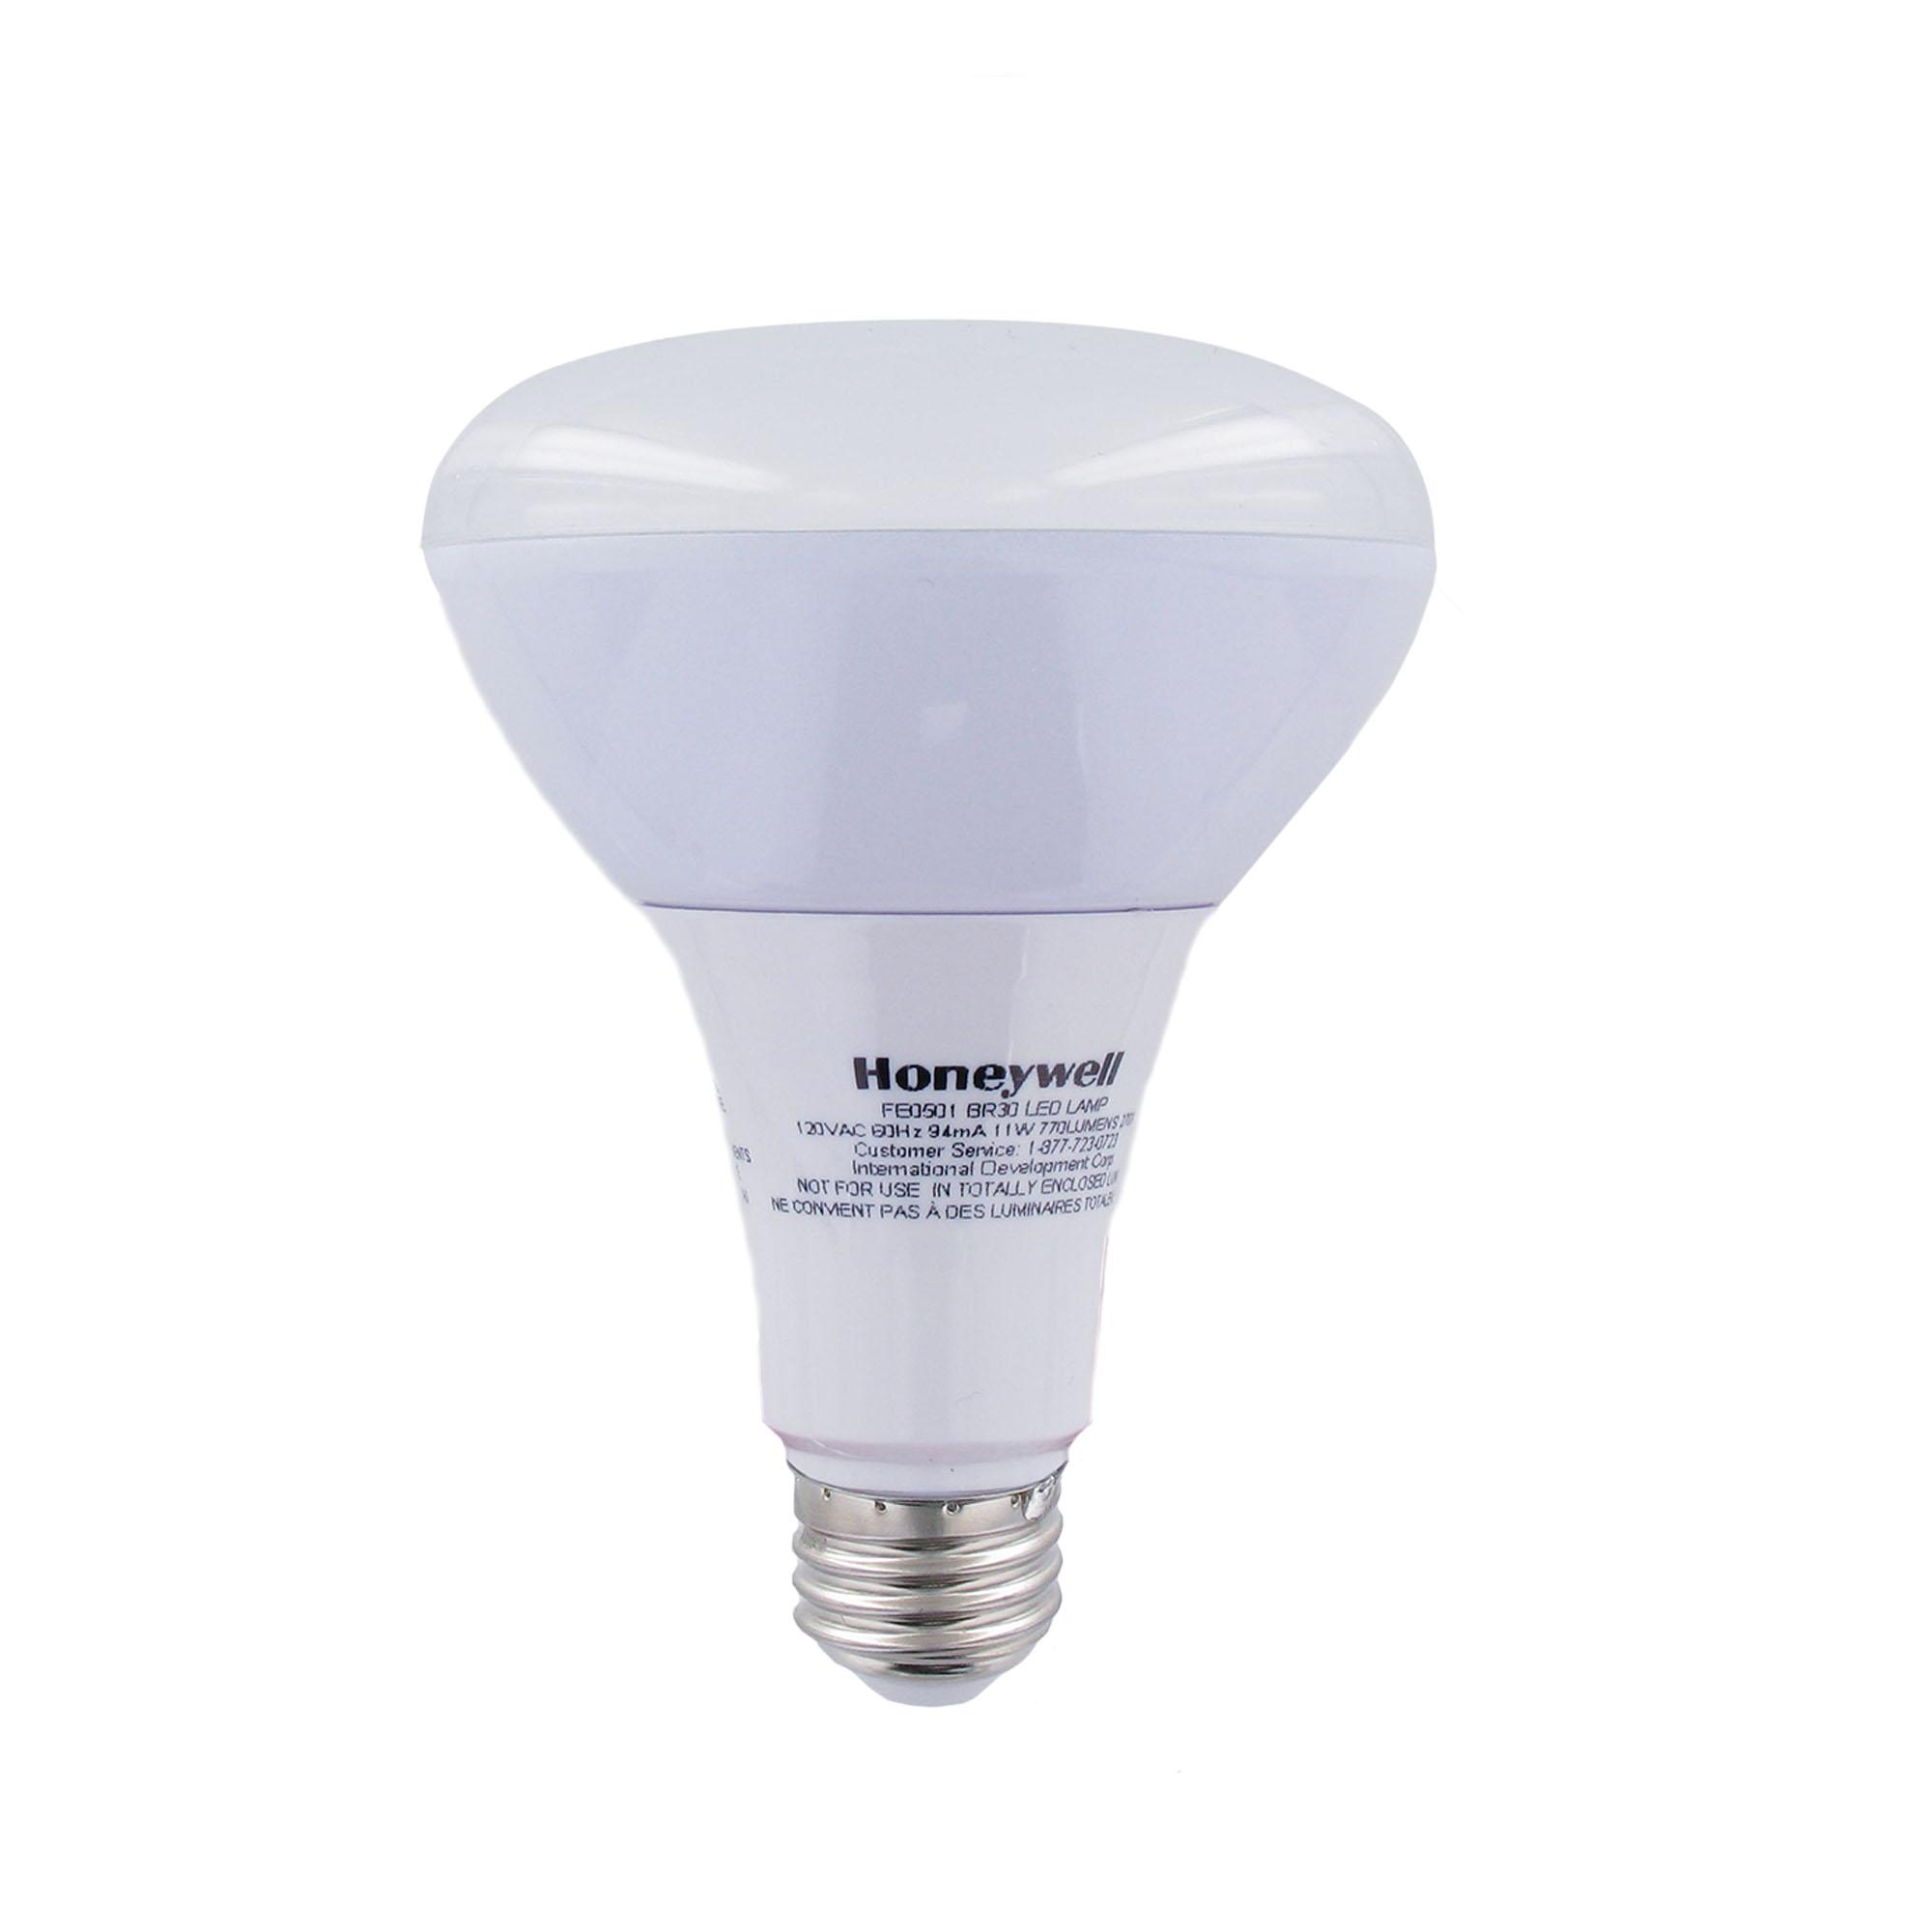 honeywell fe0501 01 br30 led light bulb 2 pack honeywell consumer. Black Bedroom Furniture Sets. Home Design Ideas